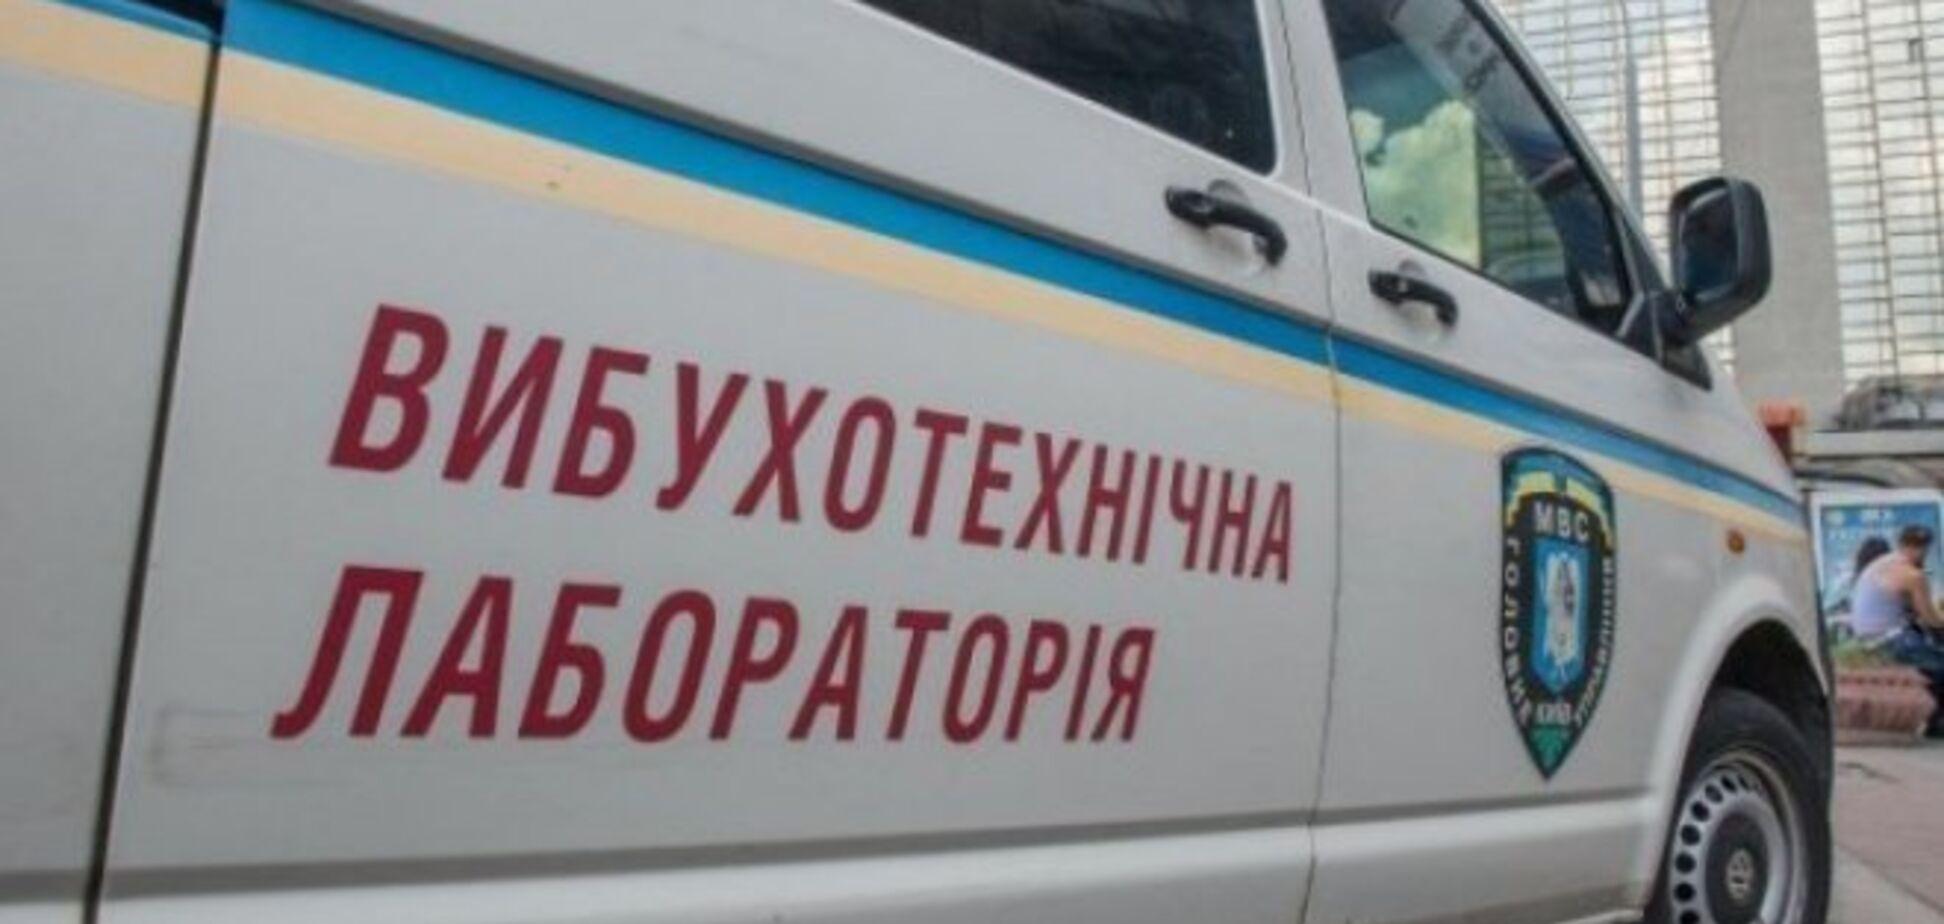 У Києві евакуювали два суди: що сталося